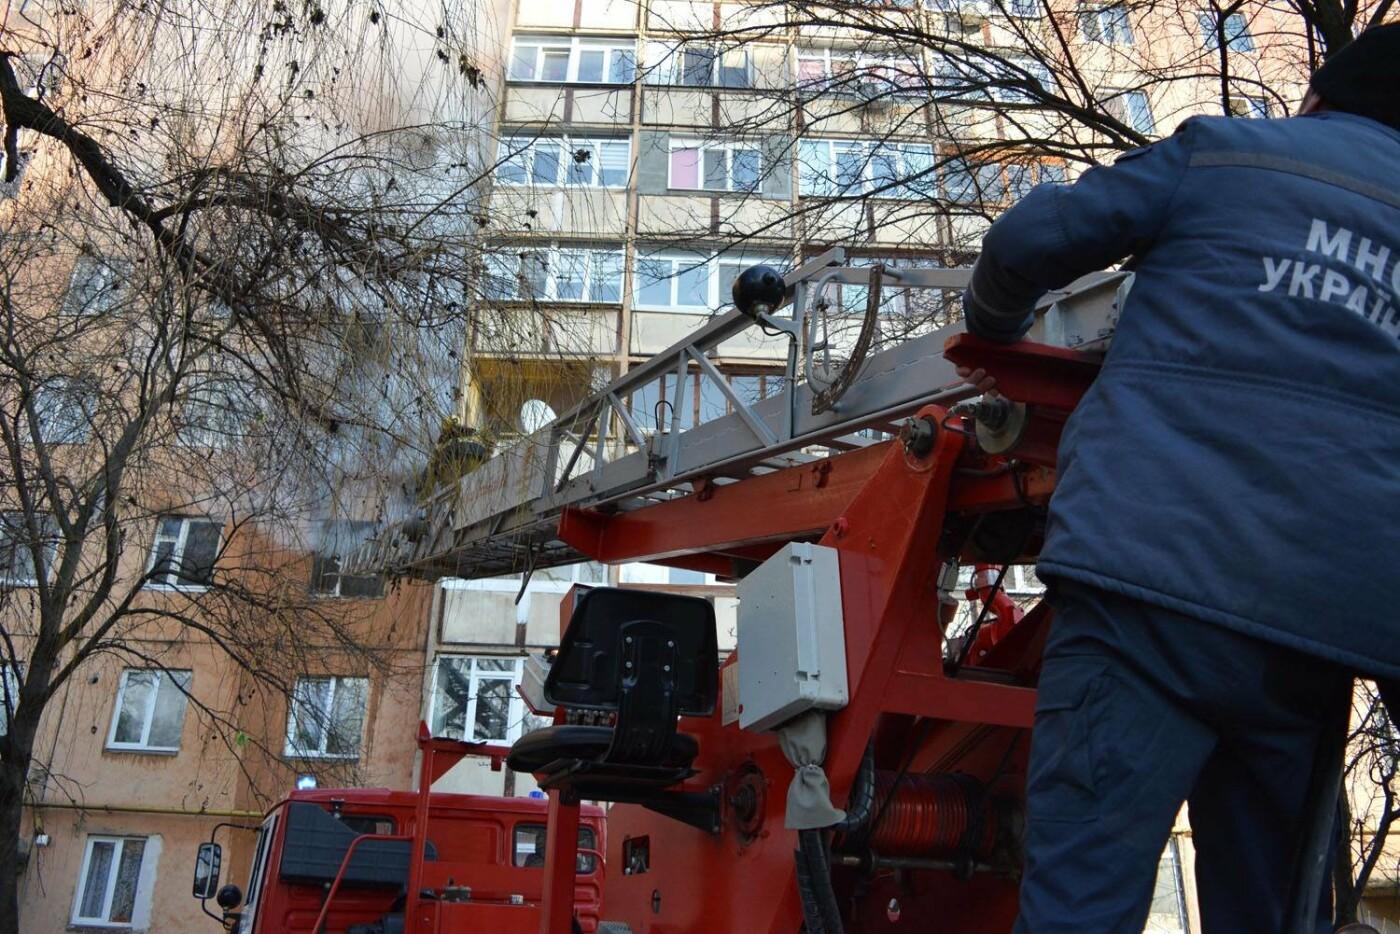 Через пожежу у багатоповерхівці на Годинки в Ужгороді евакуювали 20 чоловік, згоріли 2 кімнати (ФОТО, ВІДЕО, УСІ ПОДРОБИЦІ), фото-11